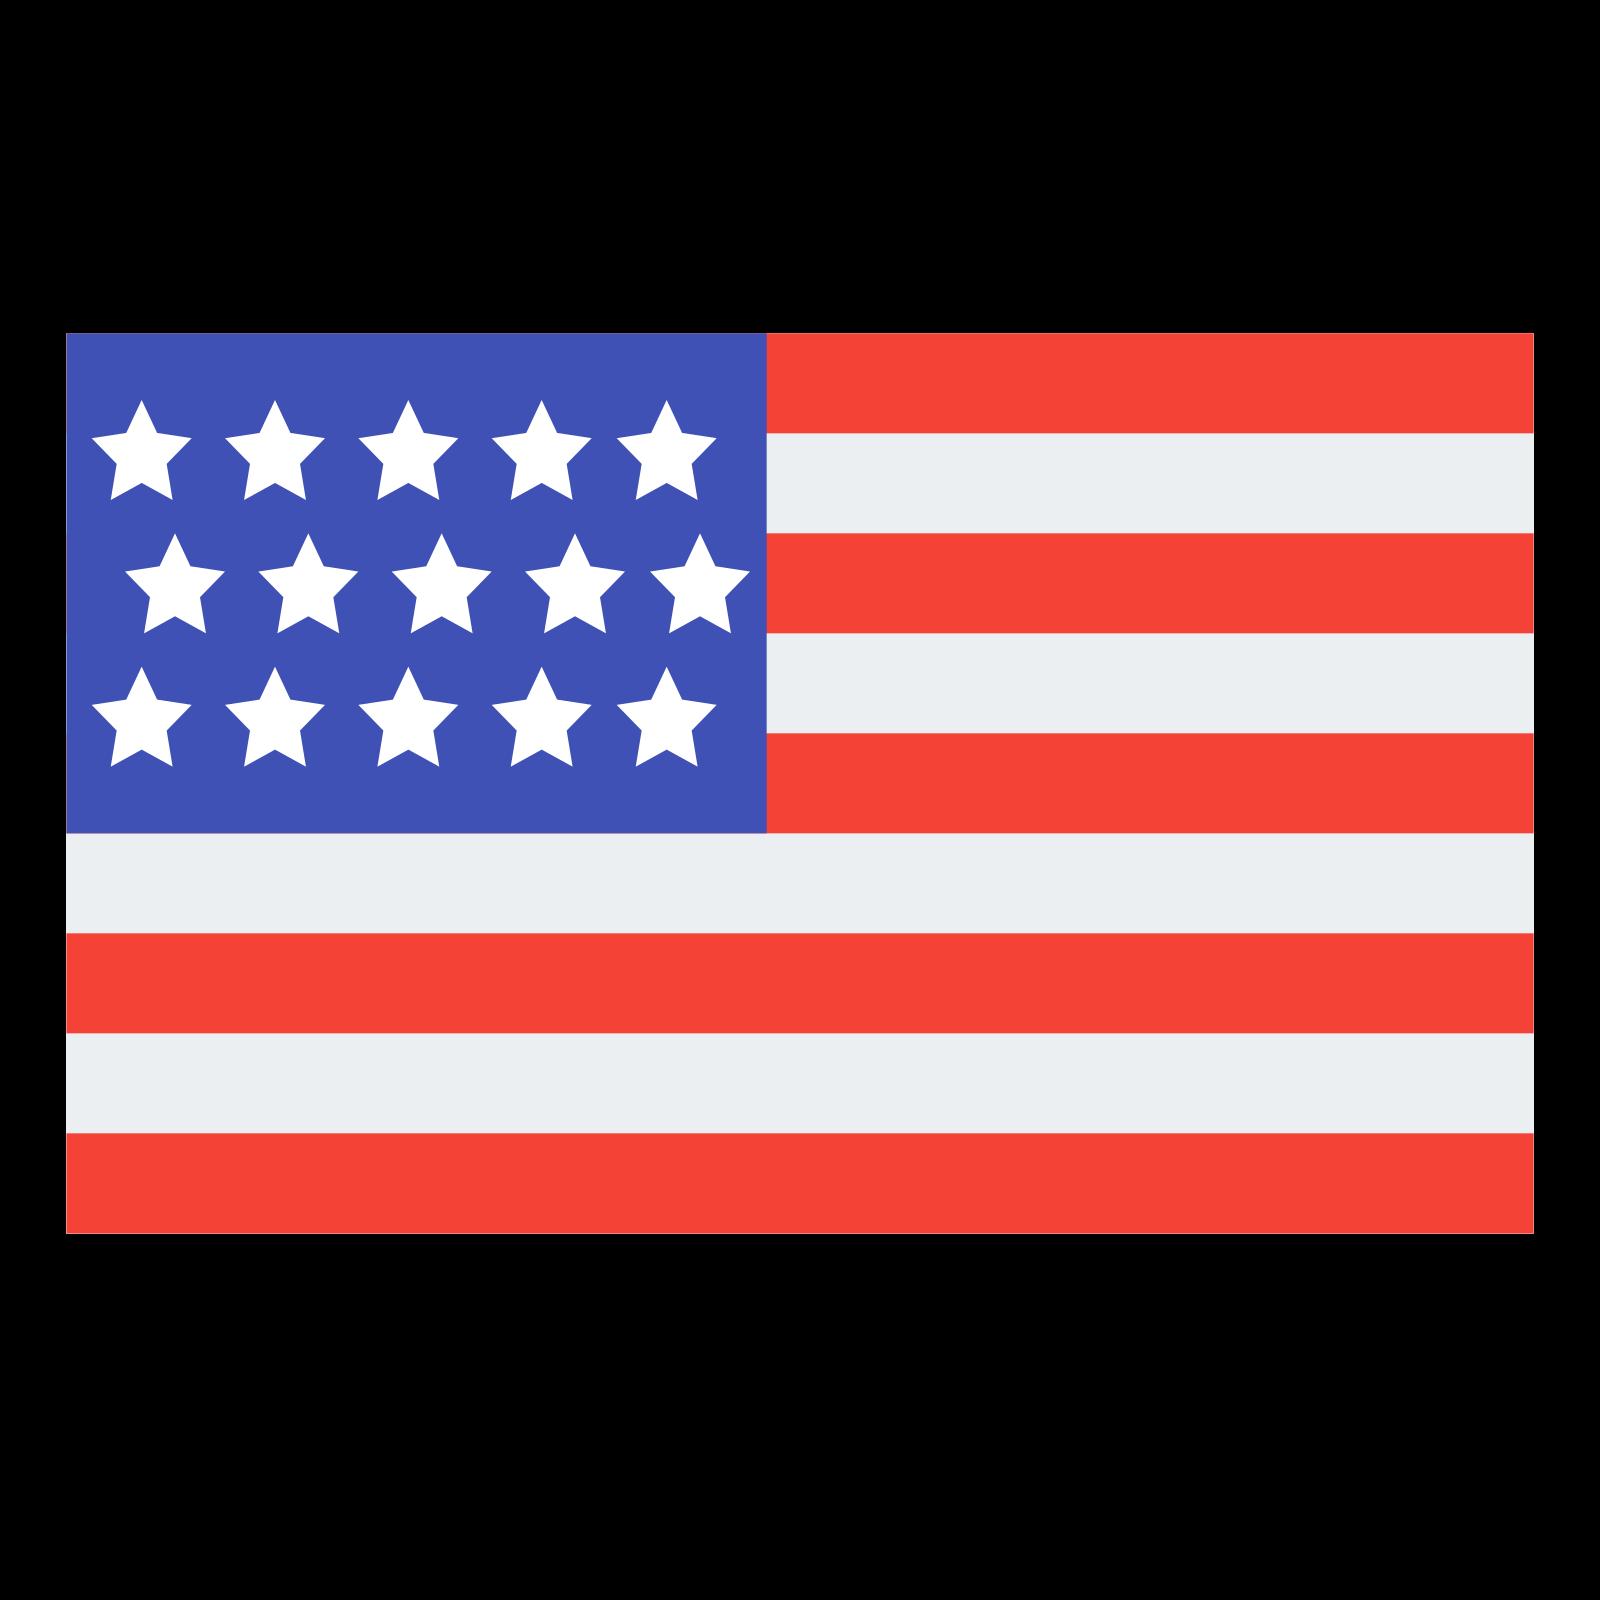 アメリカ合衆国 アイコン 無料ダウンロード png およびベクター